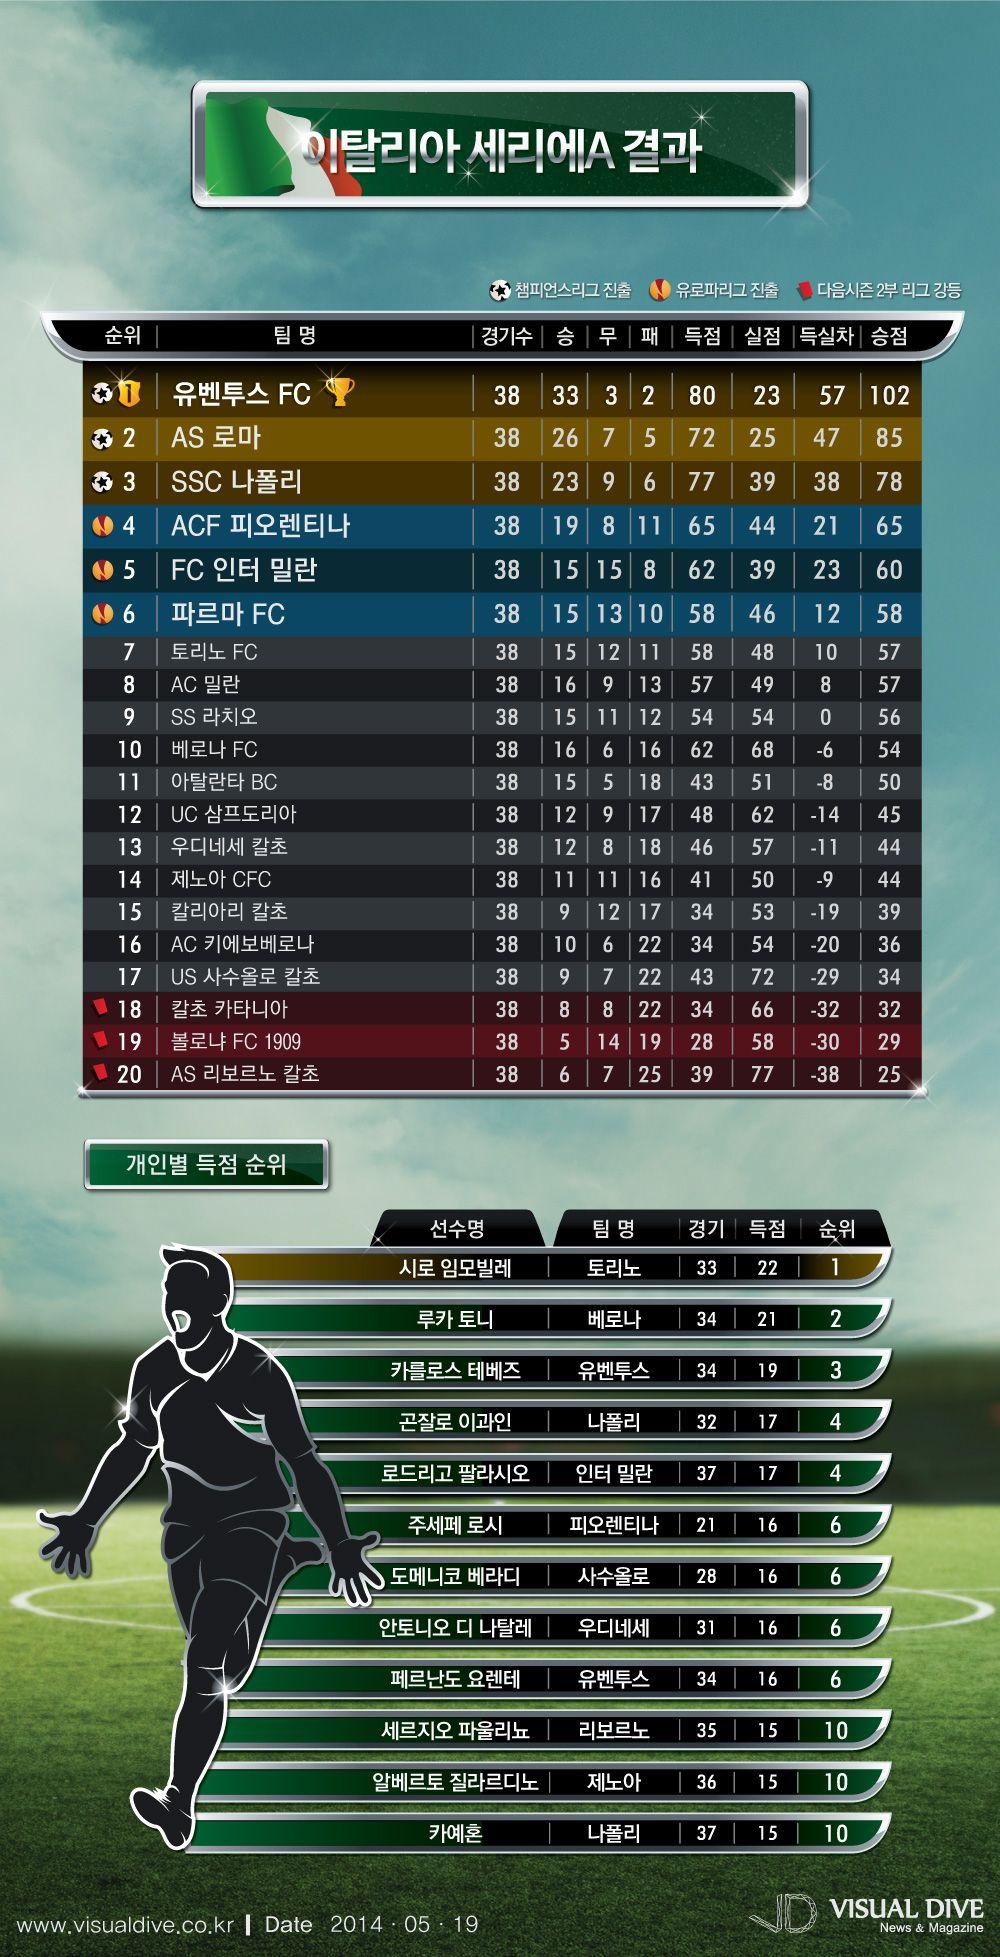 유벤투스 세 시즌 연속 우승, 세리에A 순위 [인포그래픽] soccer Infographic